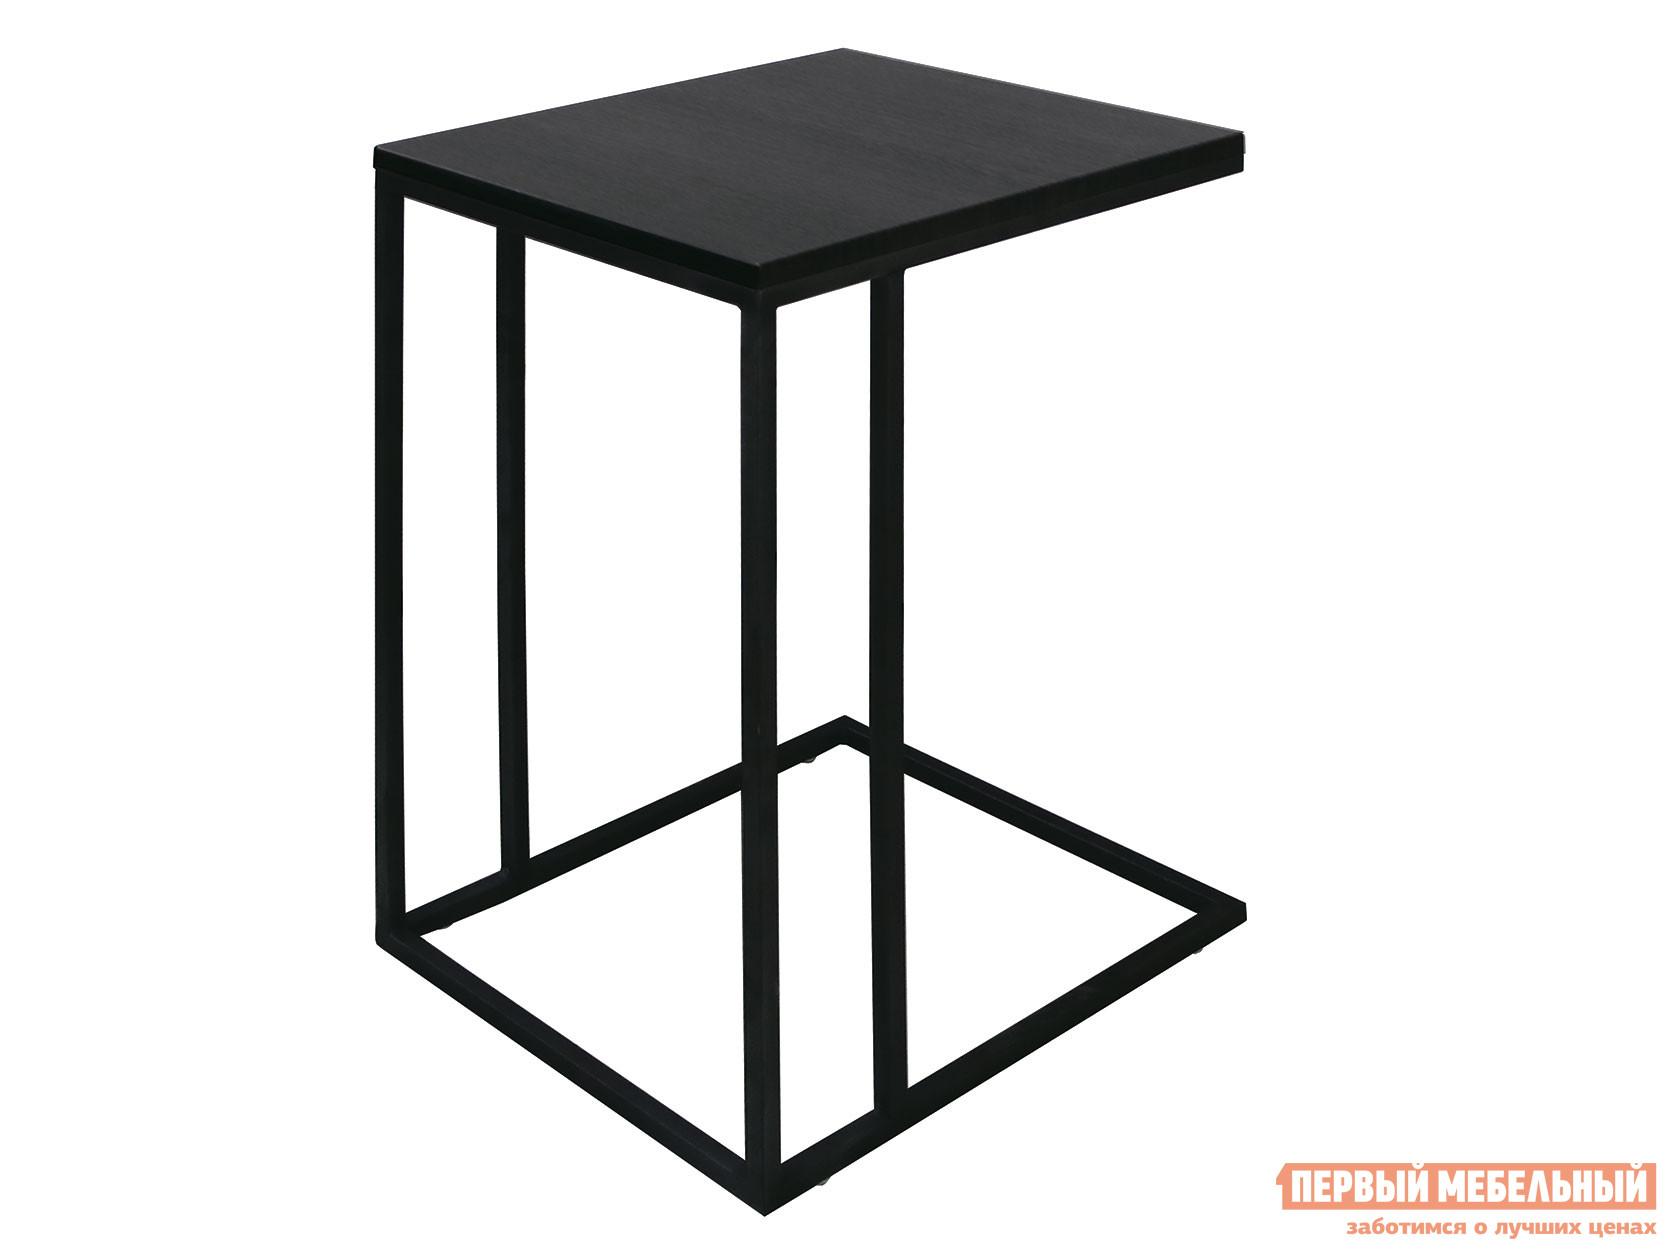 Приставной столик Первый Мебельный Стол приставной Матисс